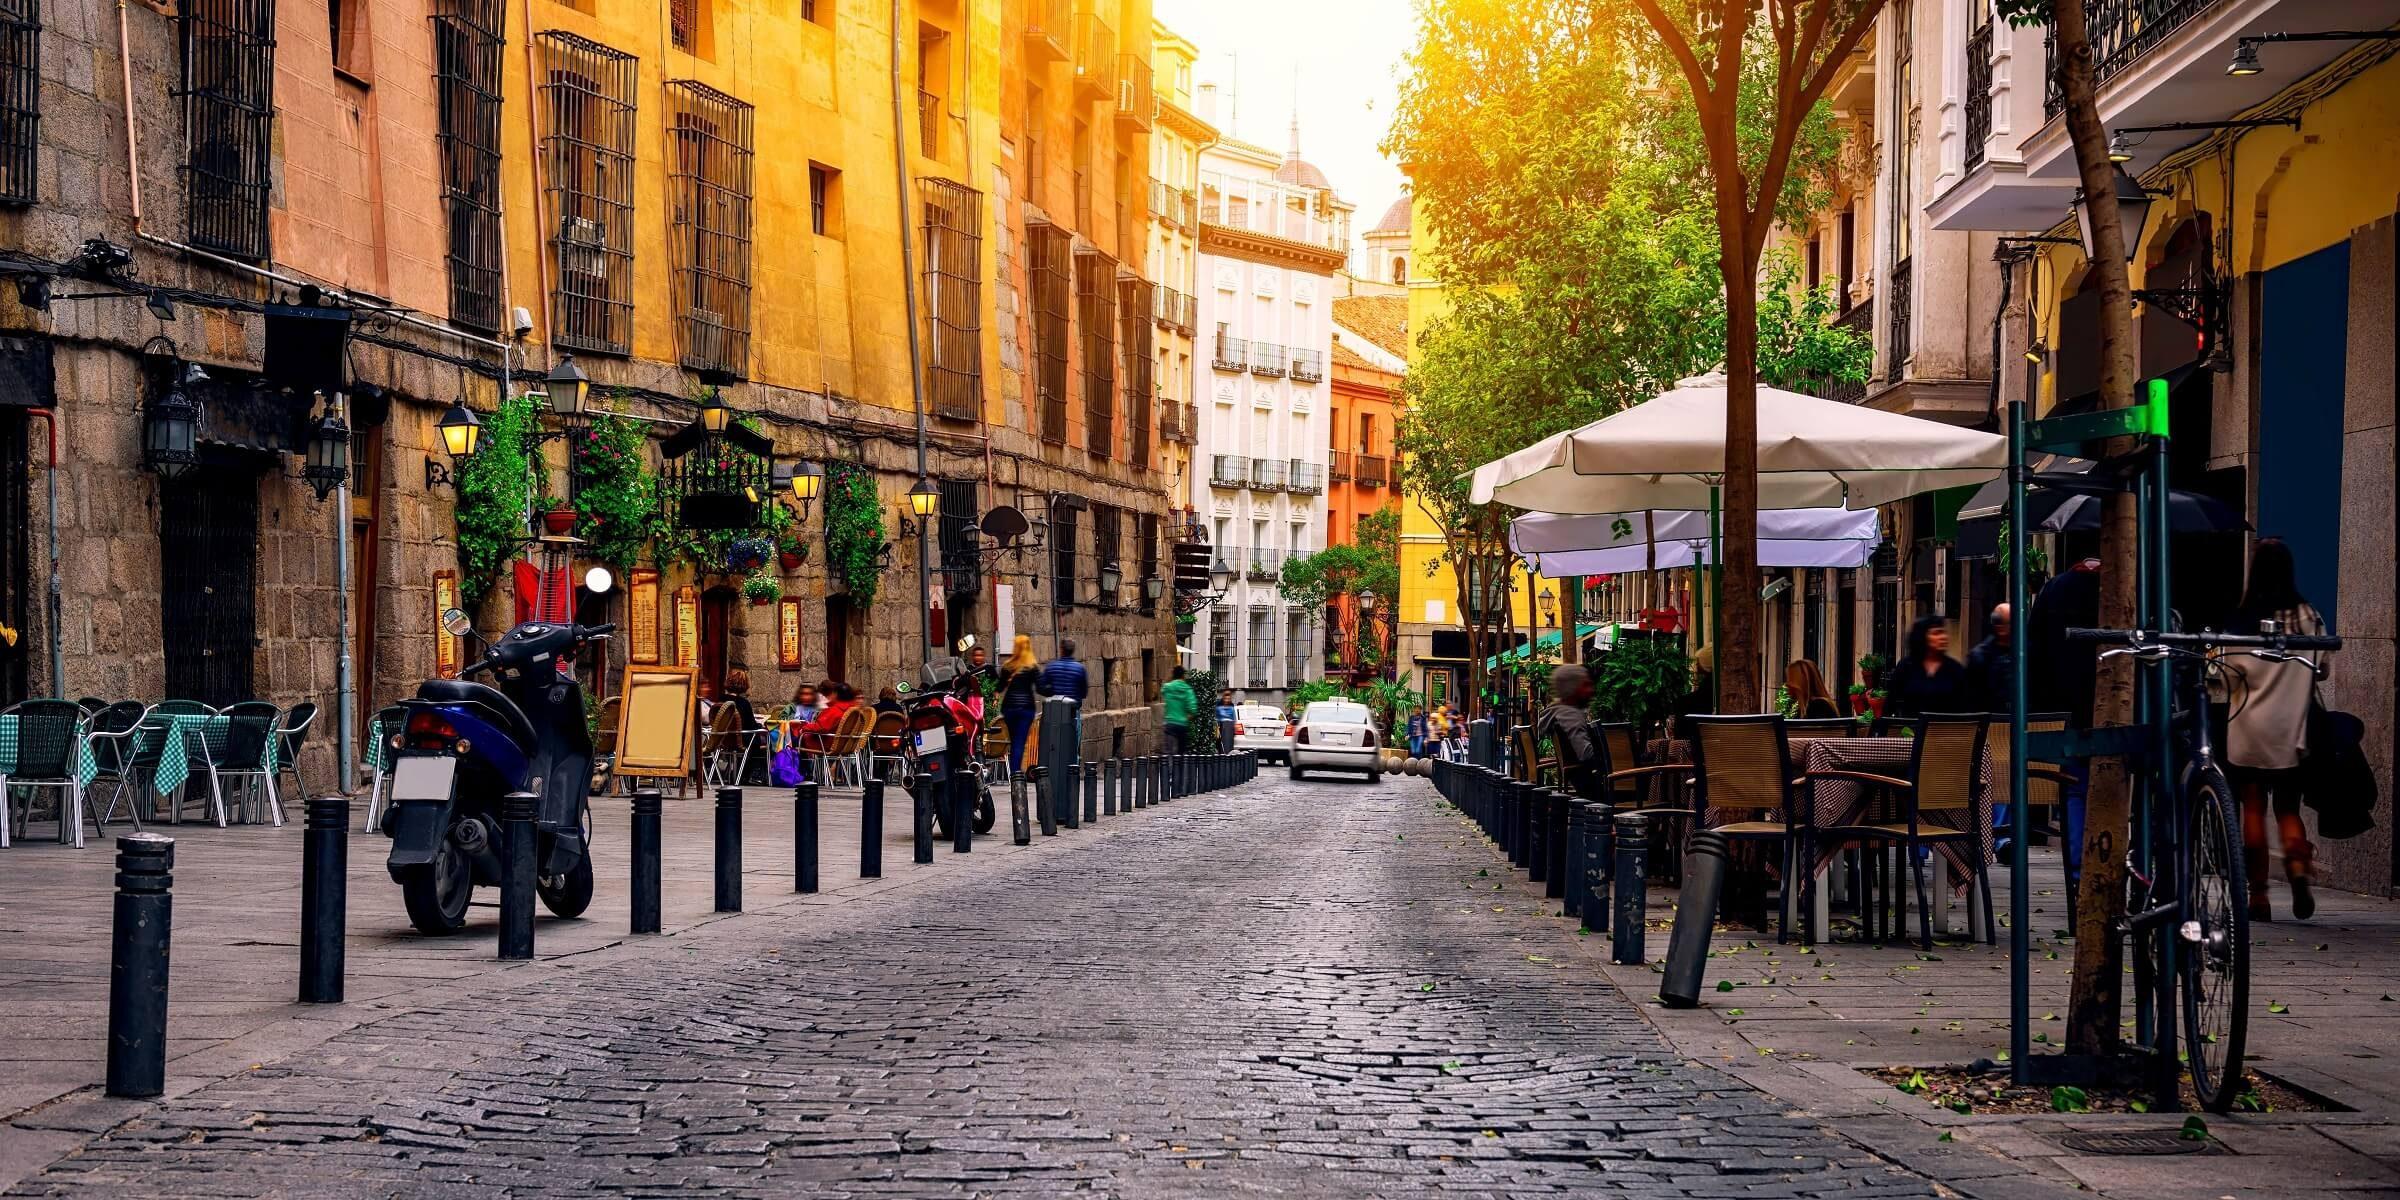 Die kleinen Gassen in Madrid eignen sich perfekt um eine kleine Pause mit einem Kaffee zu machen